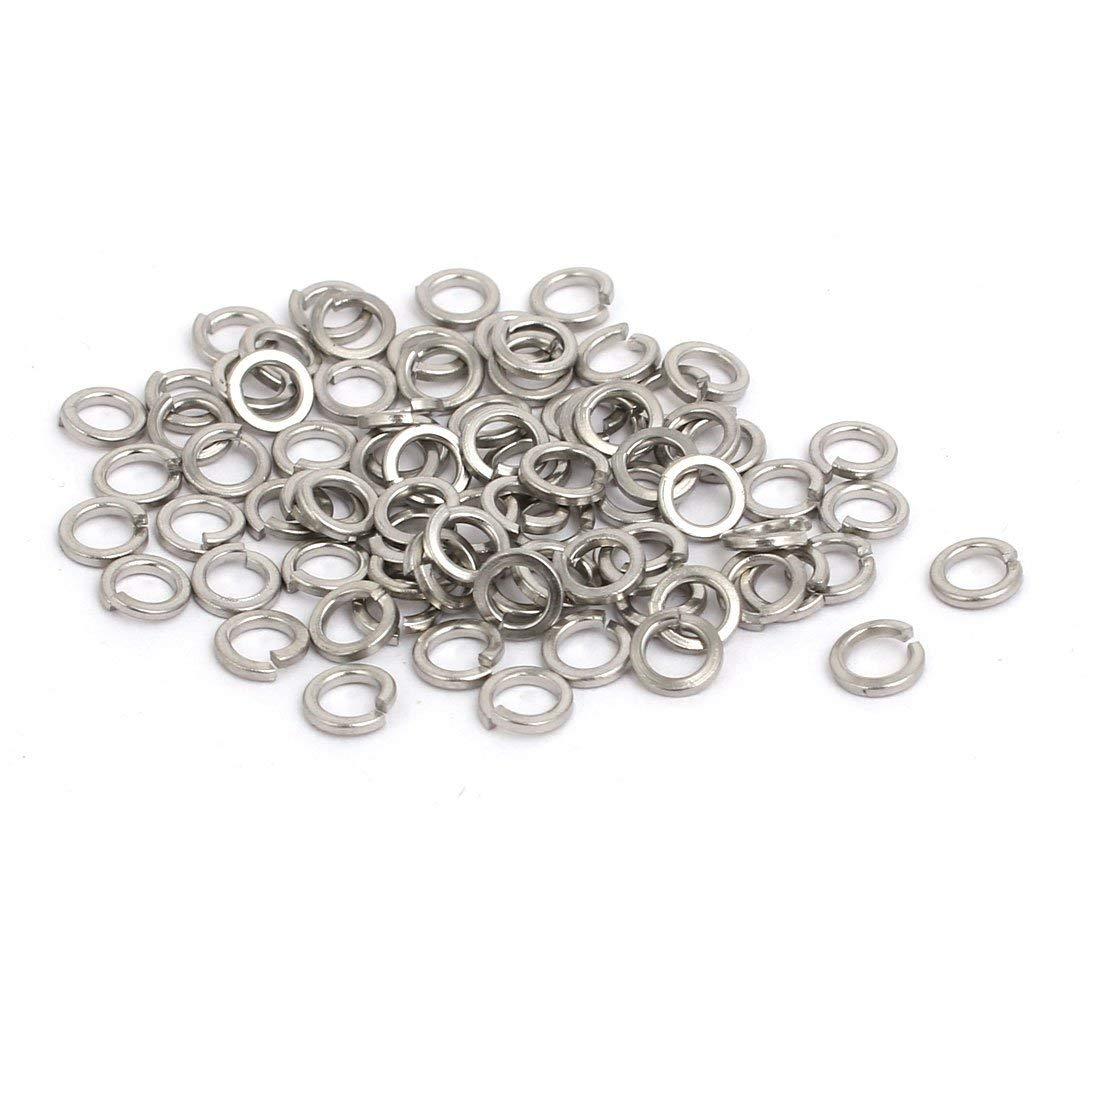 uxcell M3 Inner Diameter 304 Stainless Steel Split Lock Spring Washer Gasket 80pcs